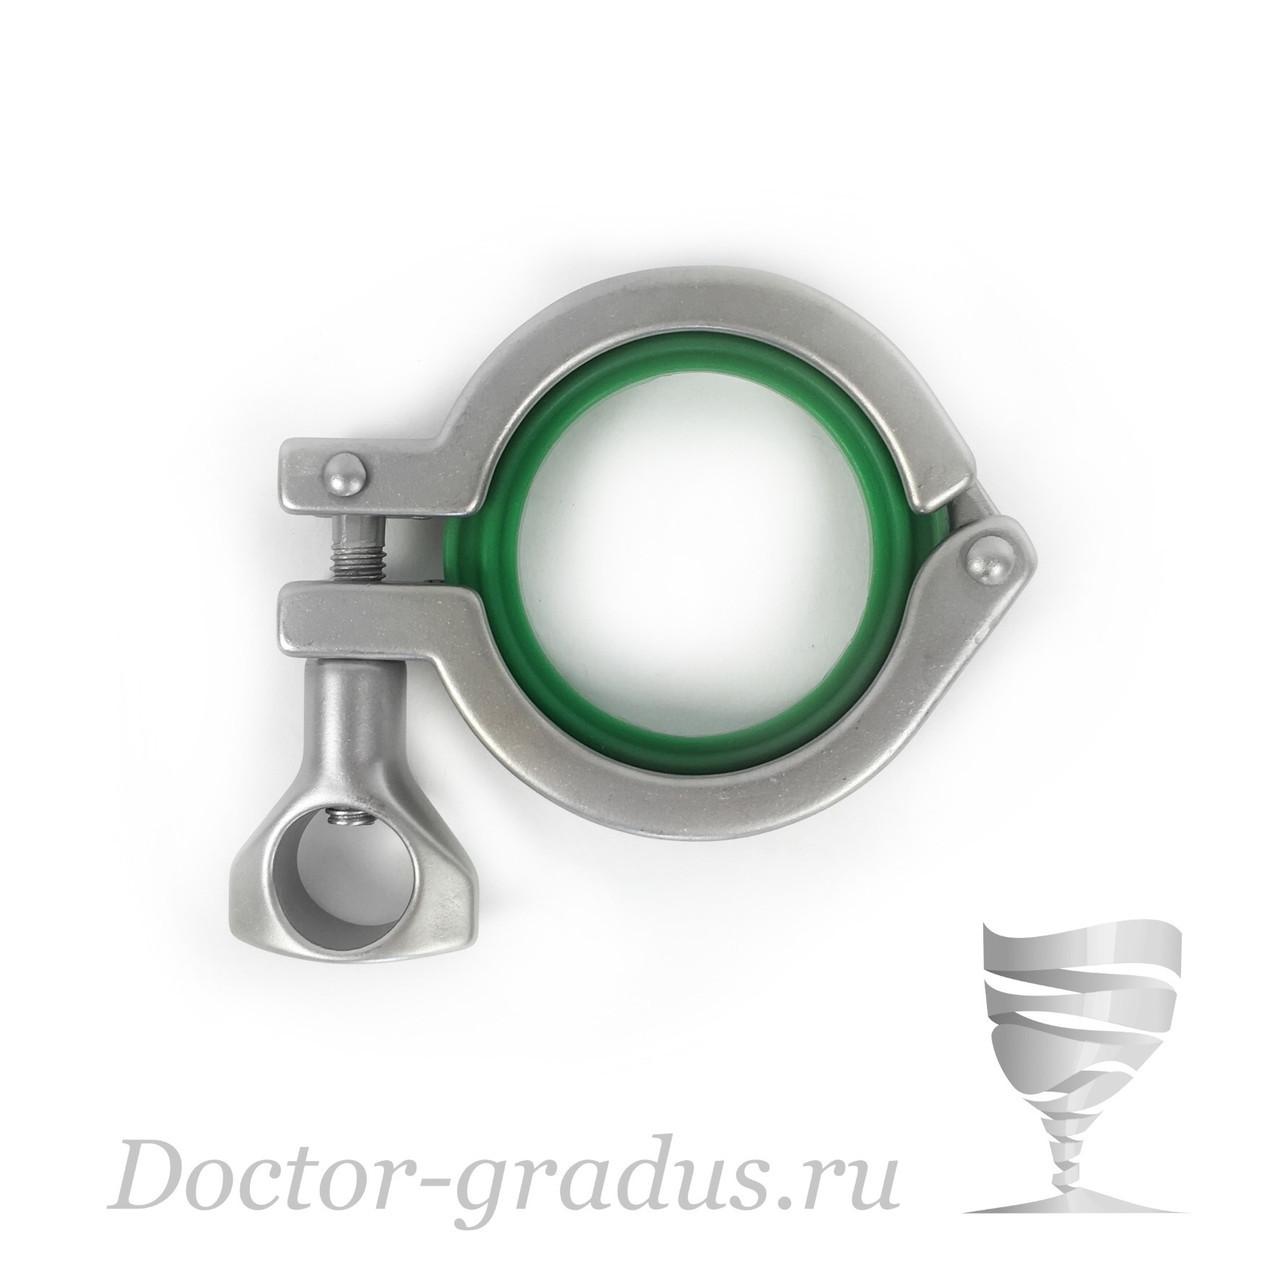 """Кламп-соединение 2"""" (51мм) Доктор Градус"""